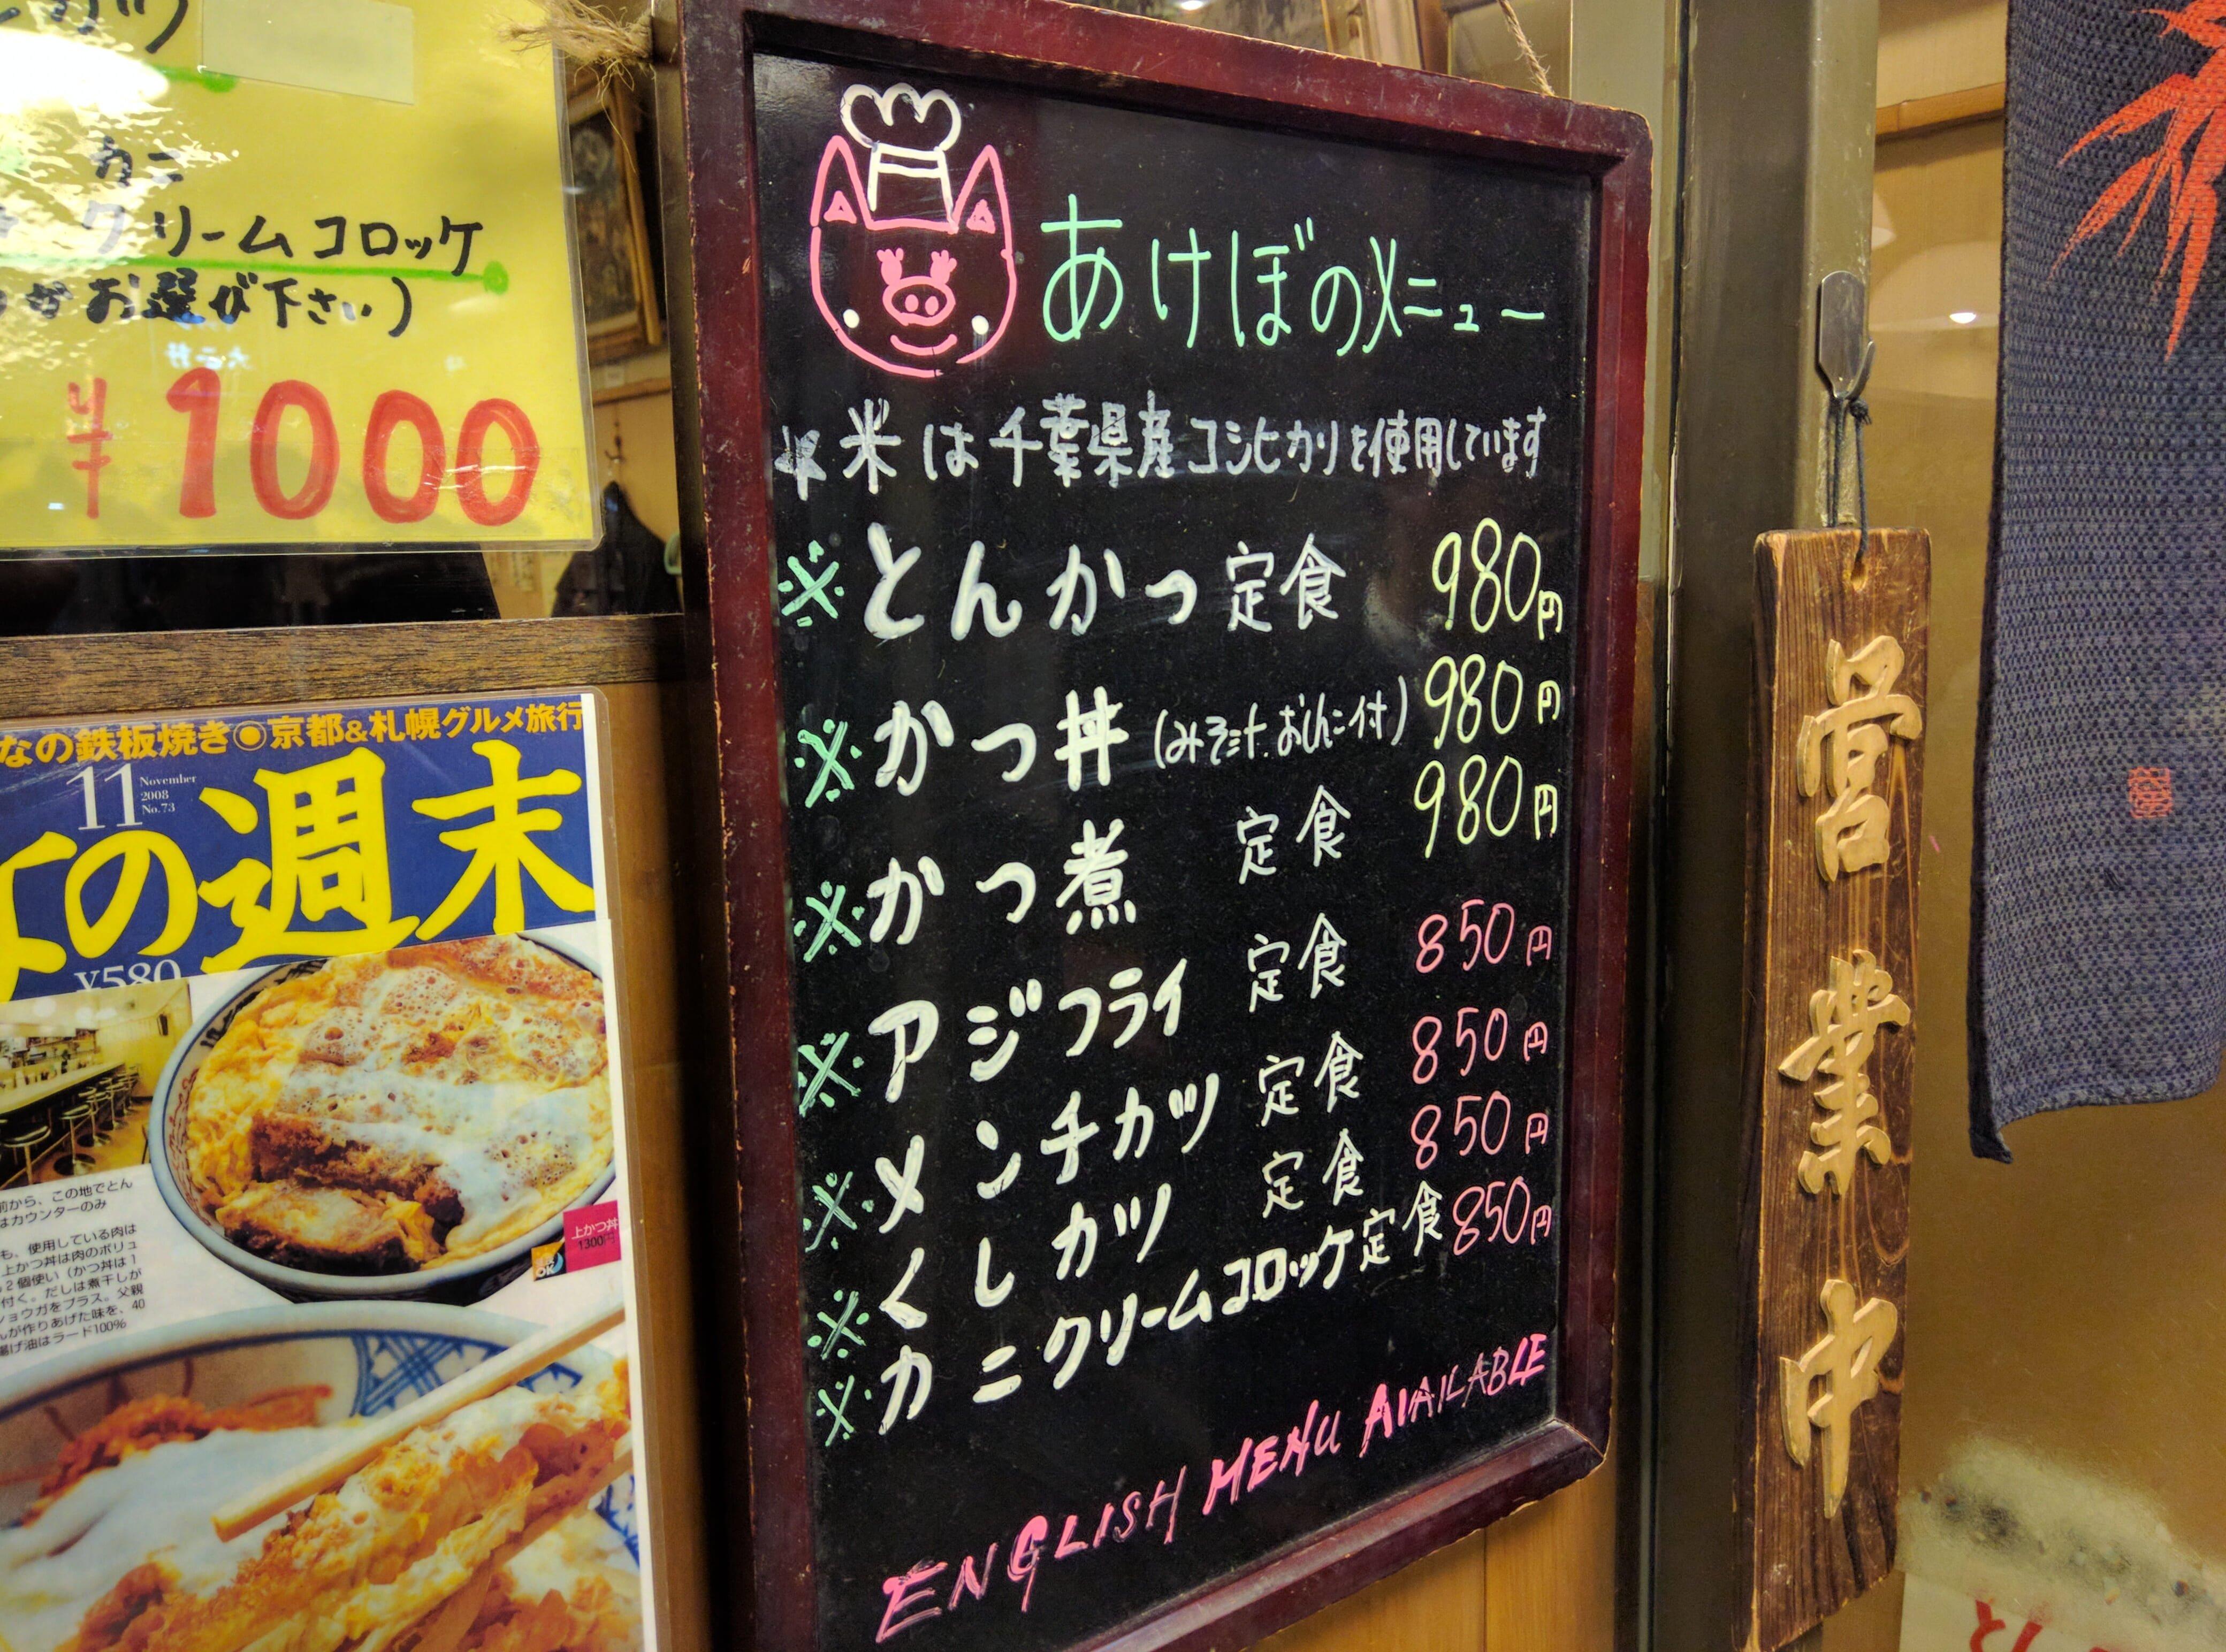 昭和な雰囲気のコスパの高いとんかつ&かつ丼 ~ 有楽町 交通会館 あけぼの